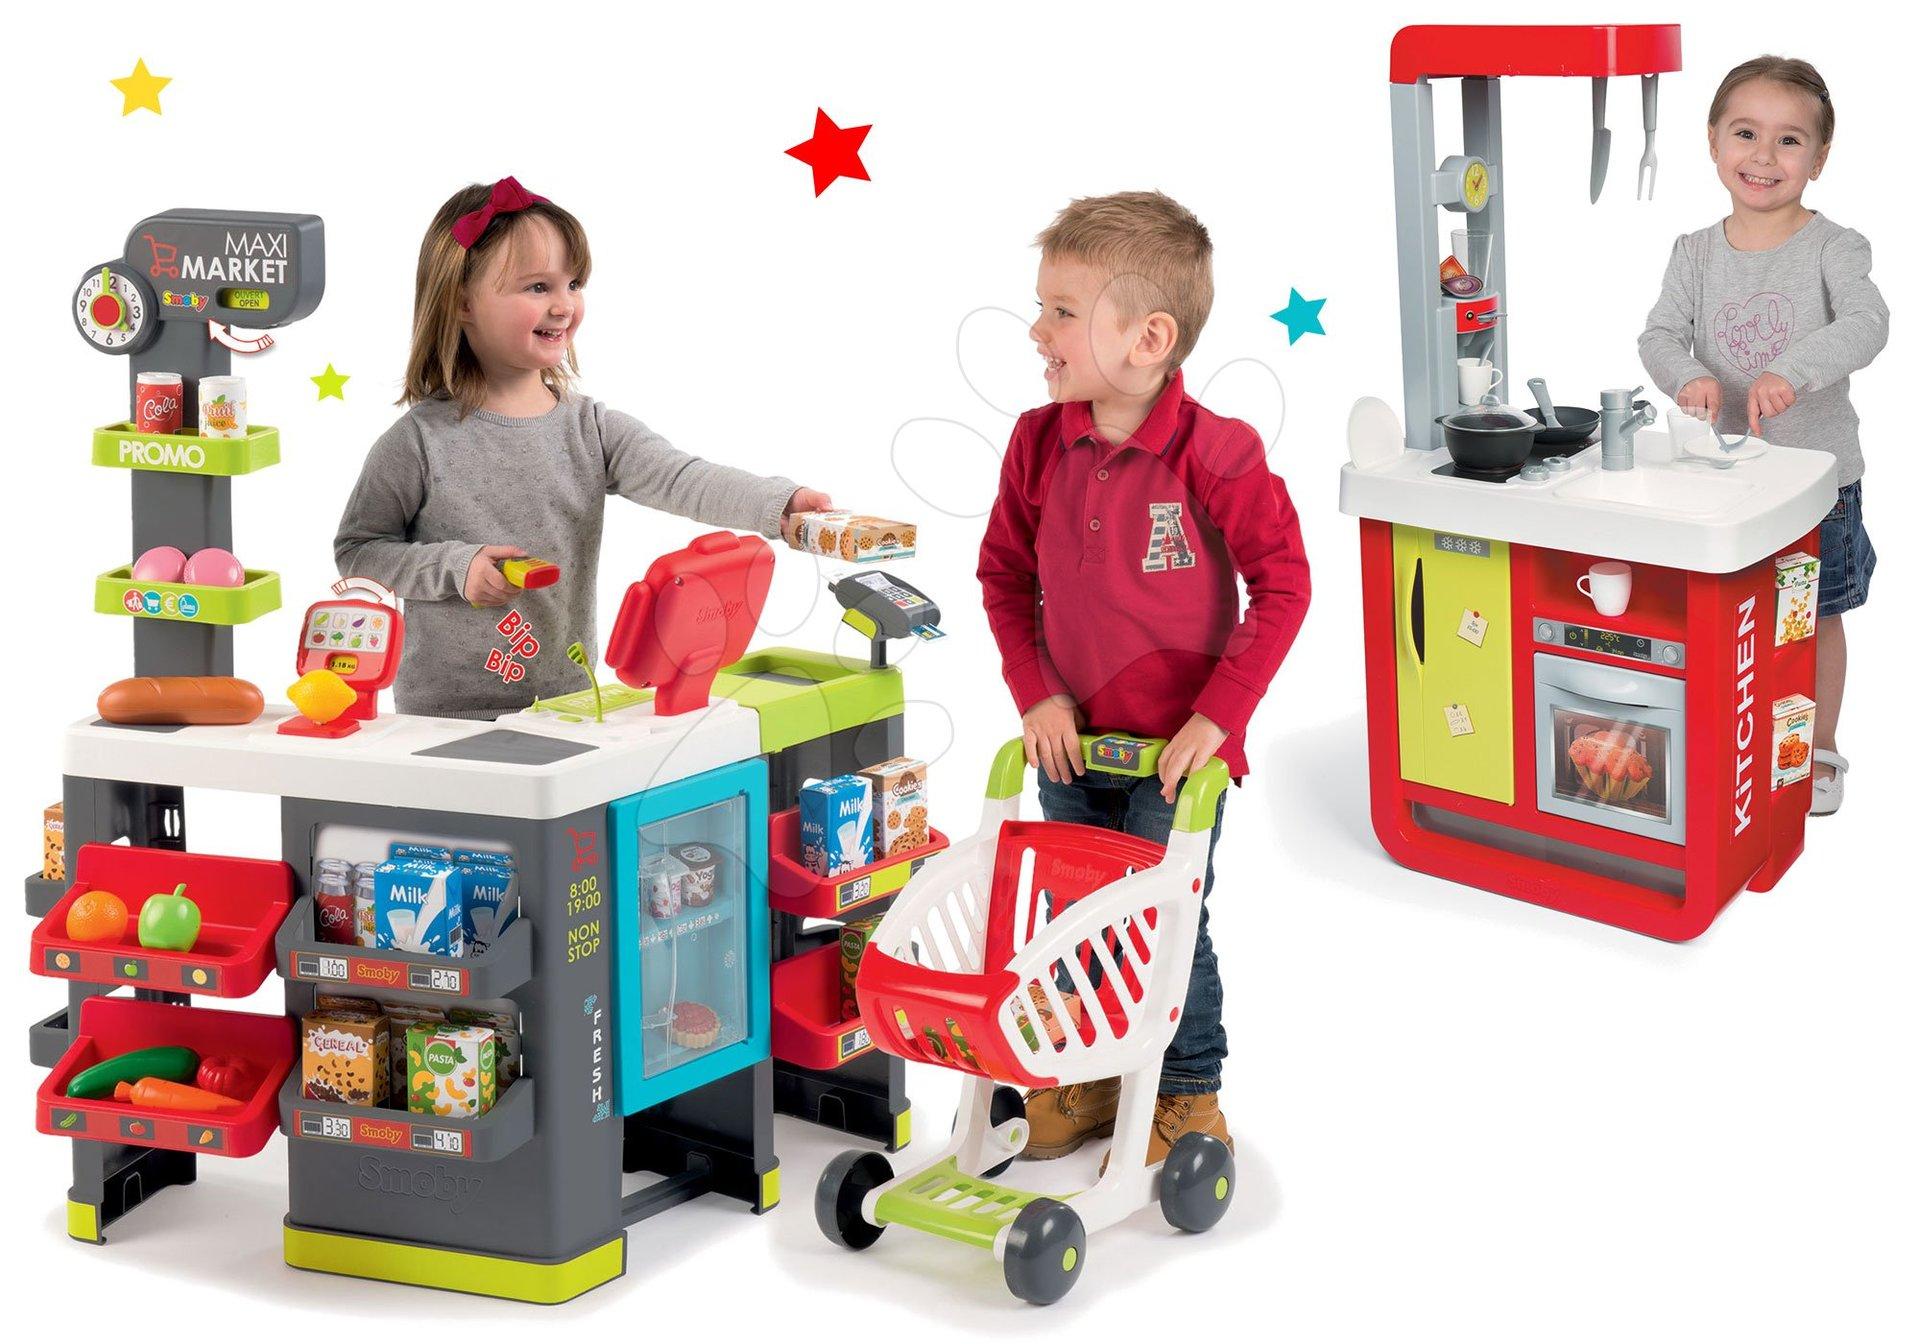 Set obchod Maxi Market Smoby s elektronickou pokladnou a vozíkem a kuchyňka Cherry Special se zvuky